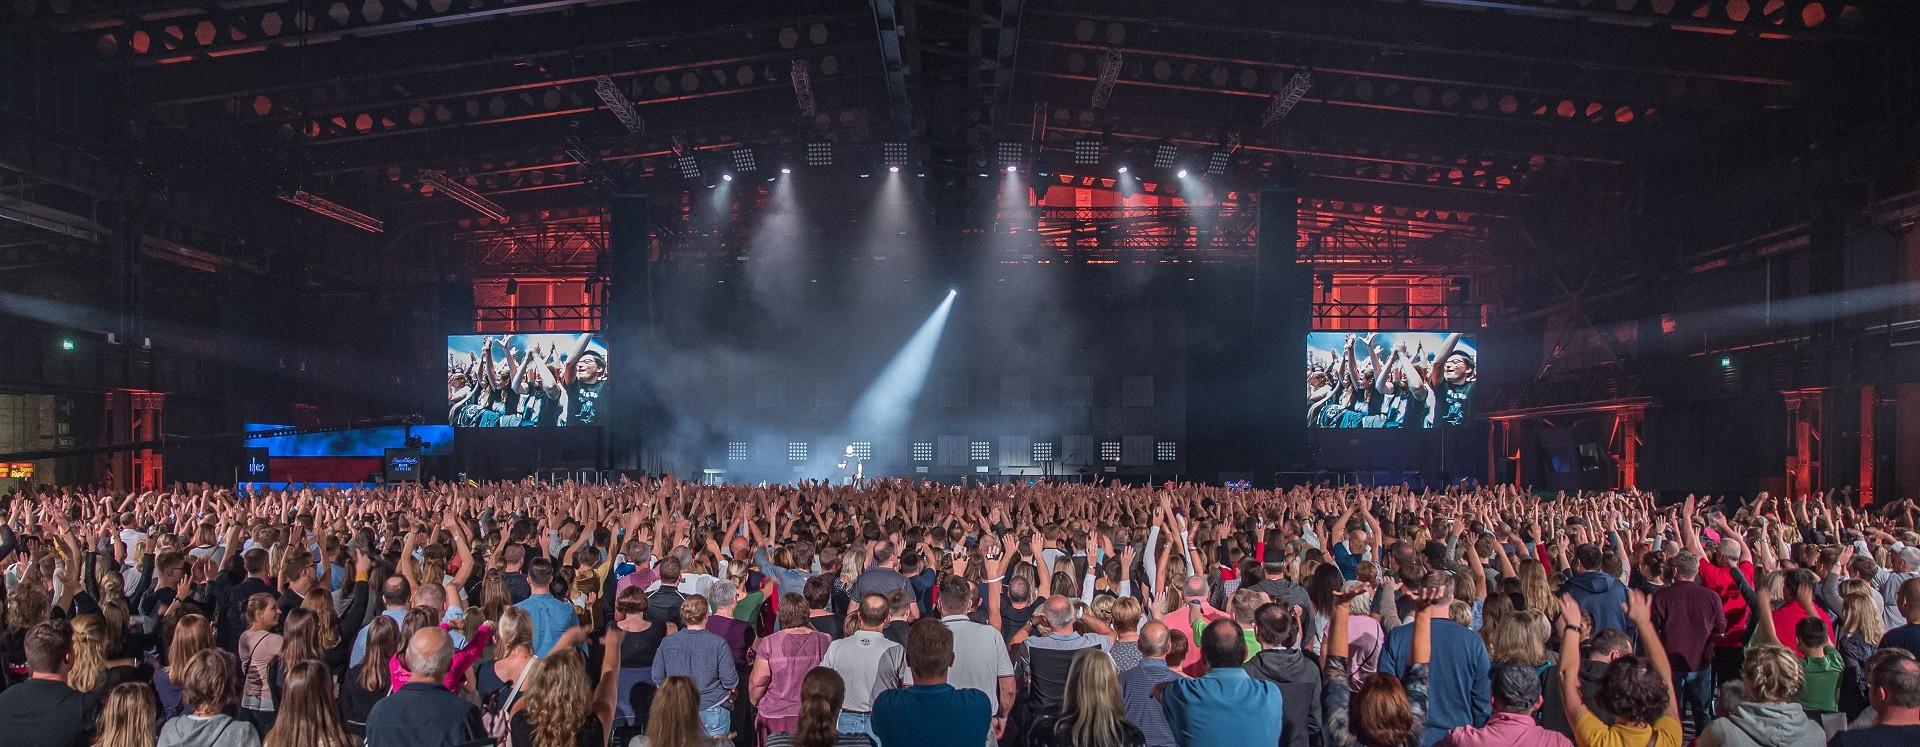 NDR2 Soundcheck Festival 2019 in Göttingen